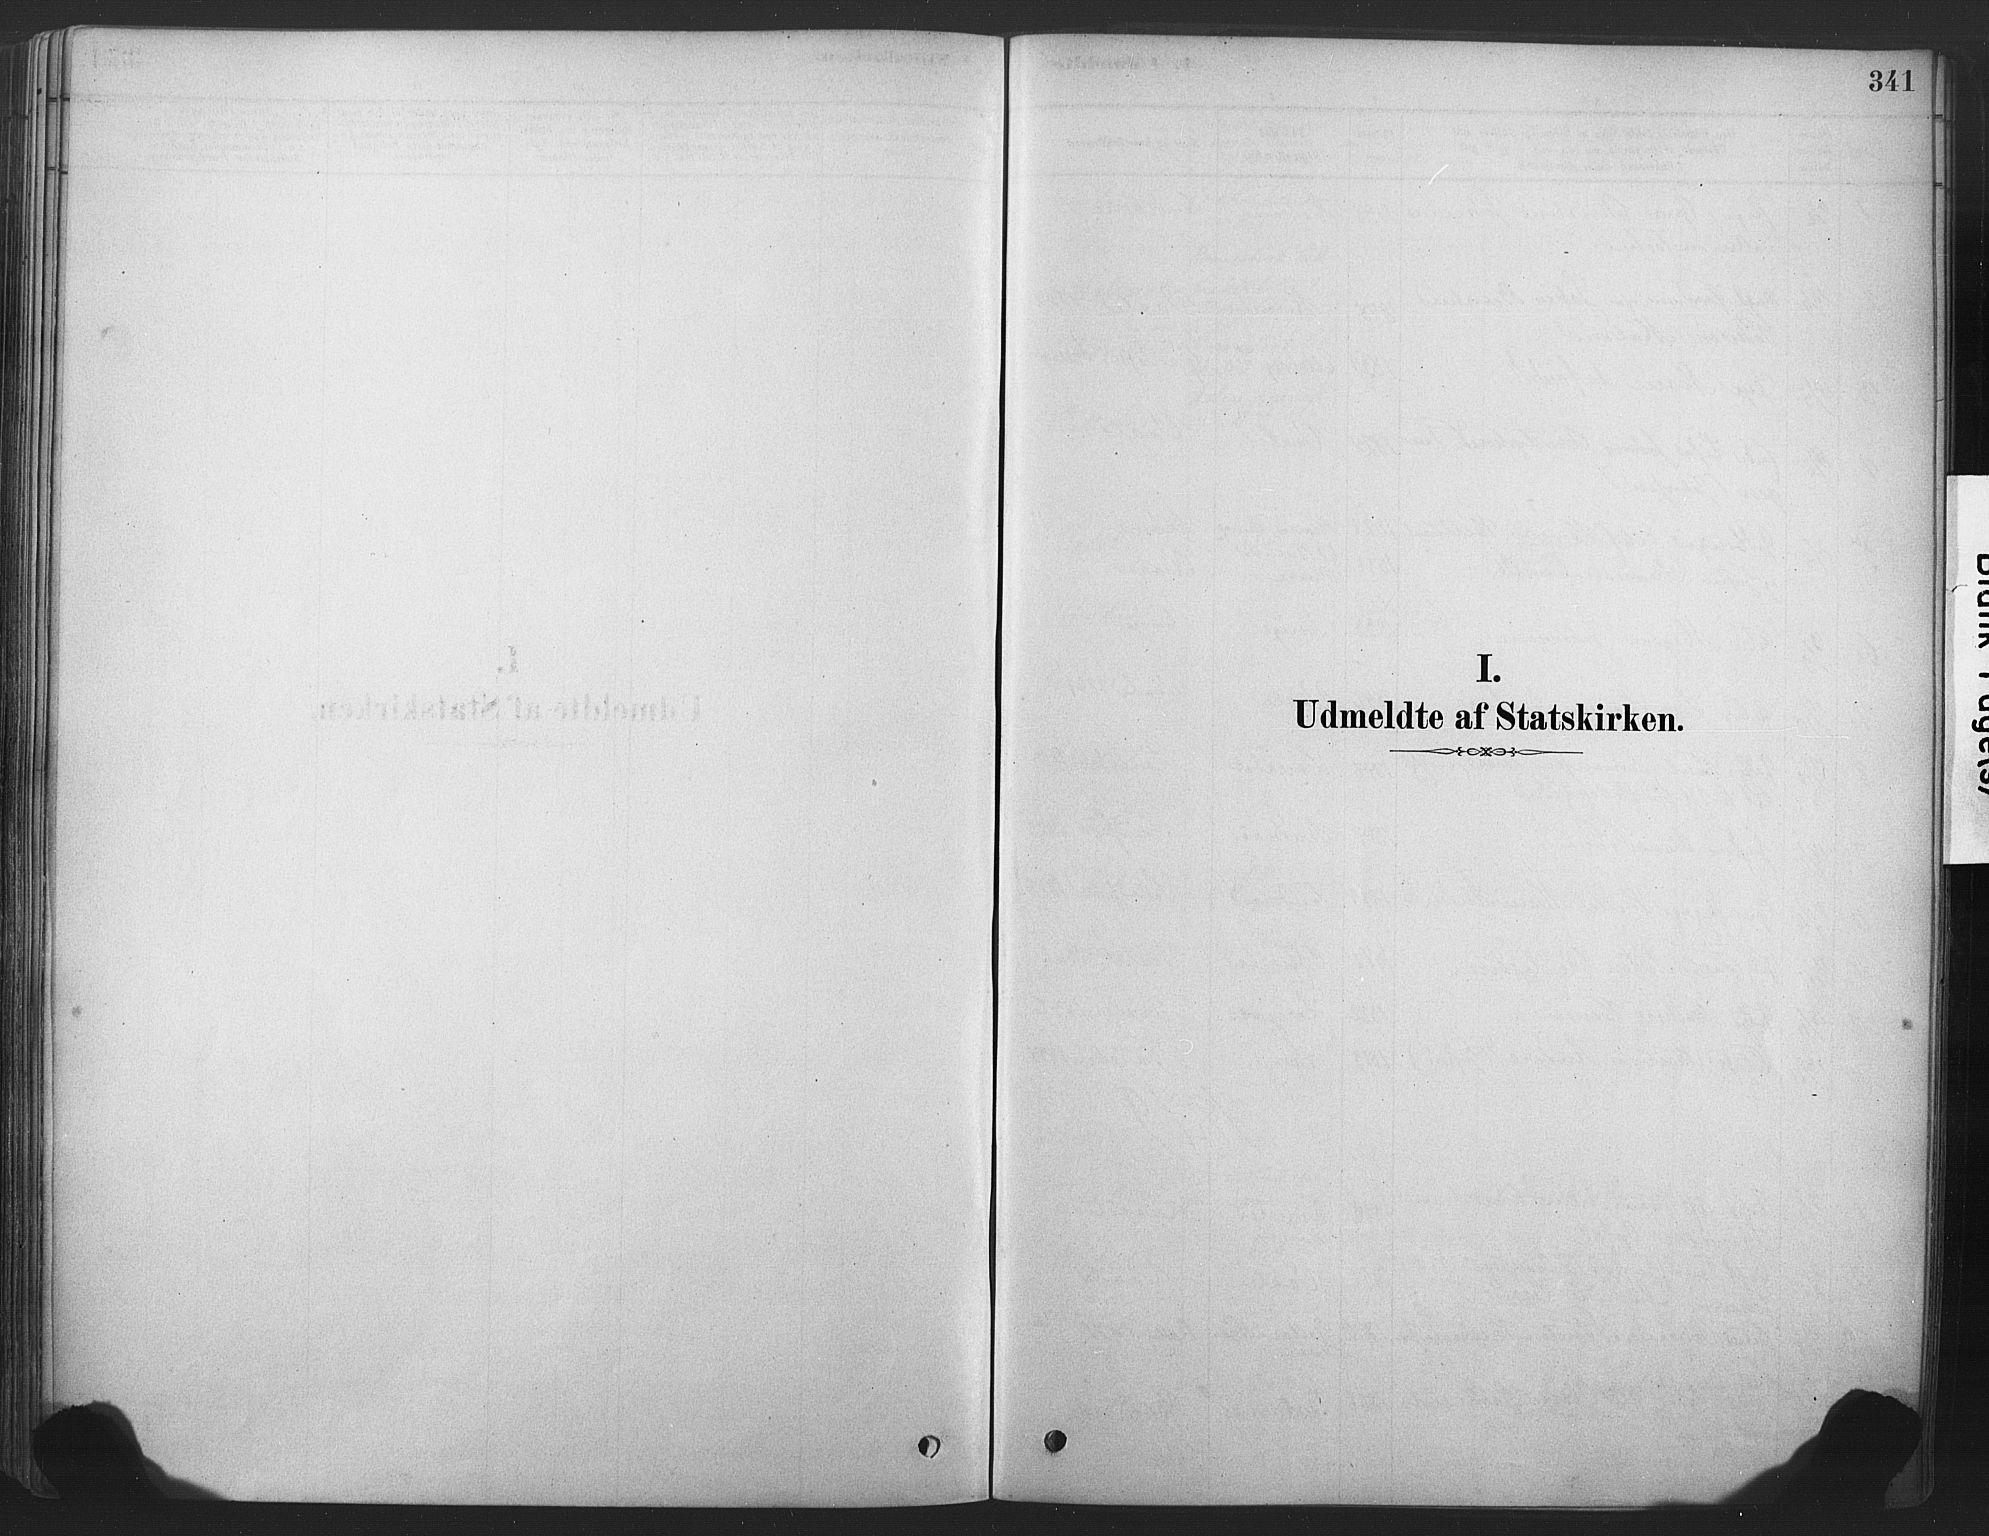 SAKO, Våle kirkebøker, F/Fa/L0011: Ministerialbok nr. I 11, 1878-1906, s. 341